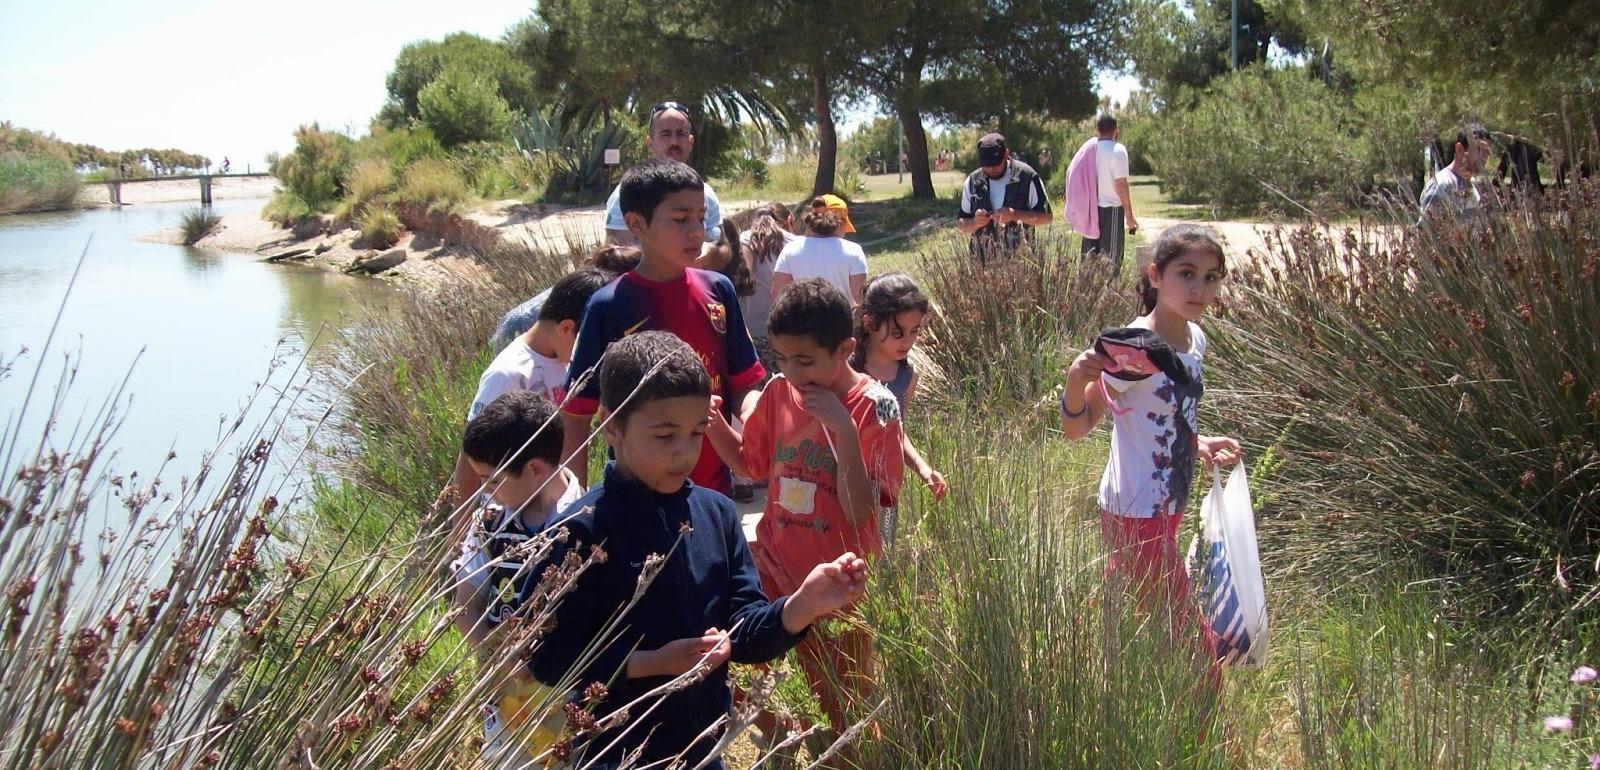 La Comunidad  Almanar de L'Arboç organiza una excursión al Parque Natural de Foix